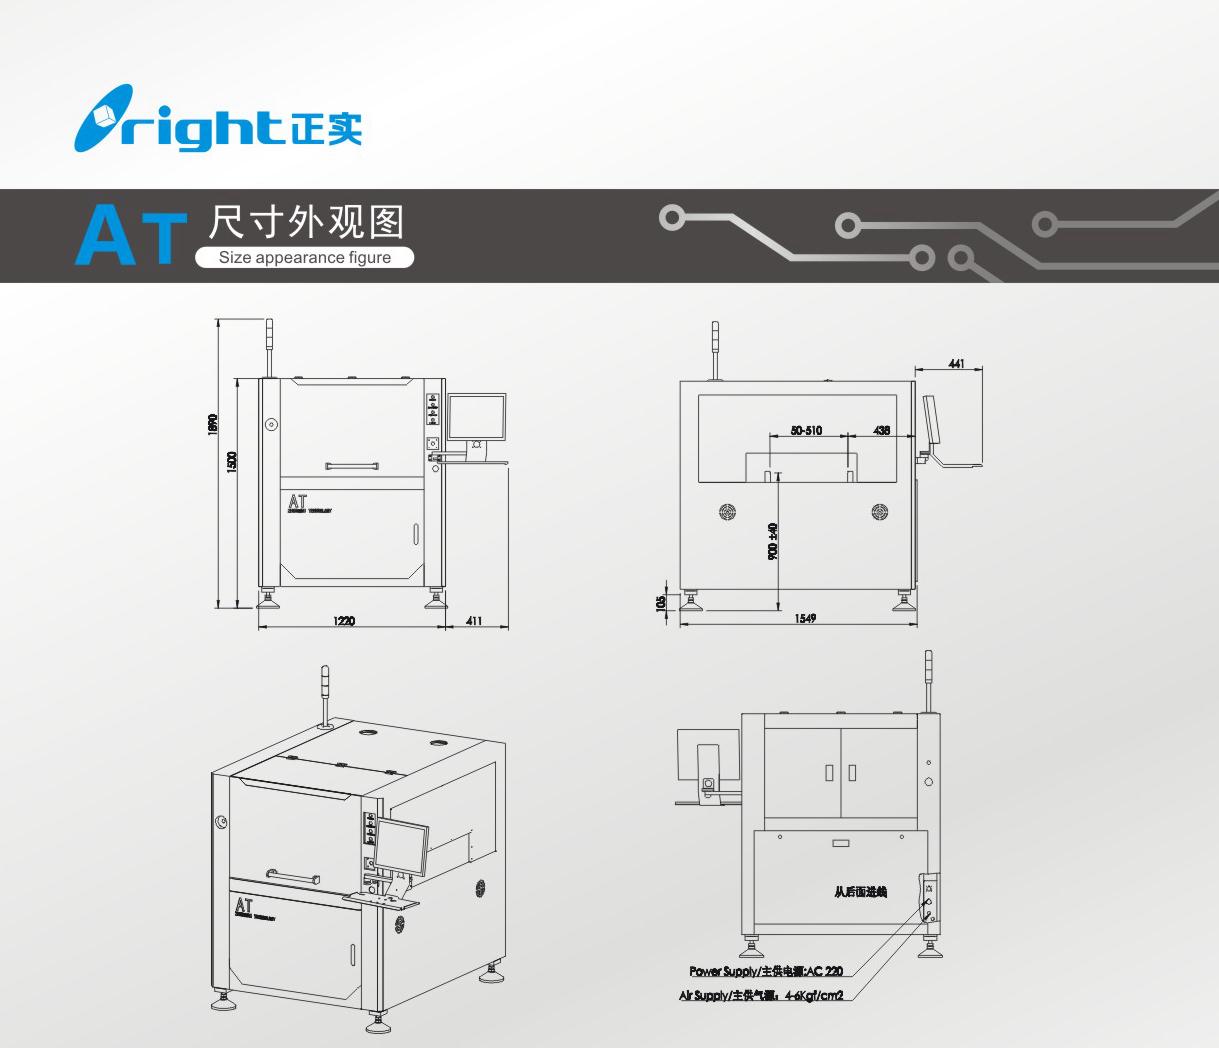 (AT) 机器尺寸.jpg